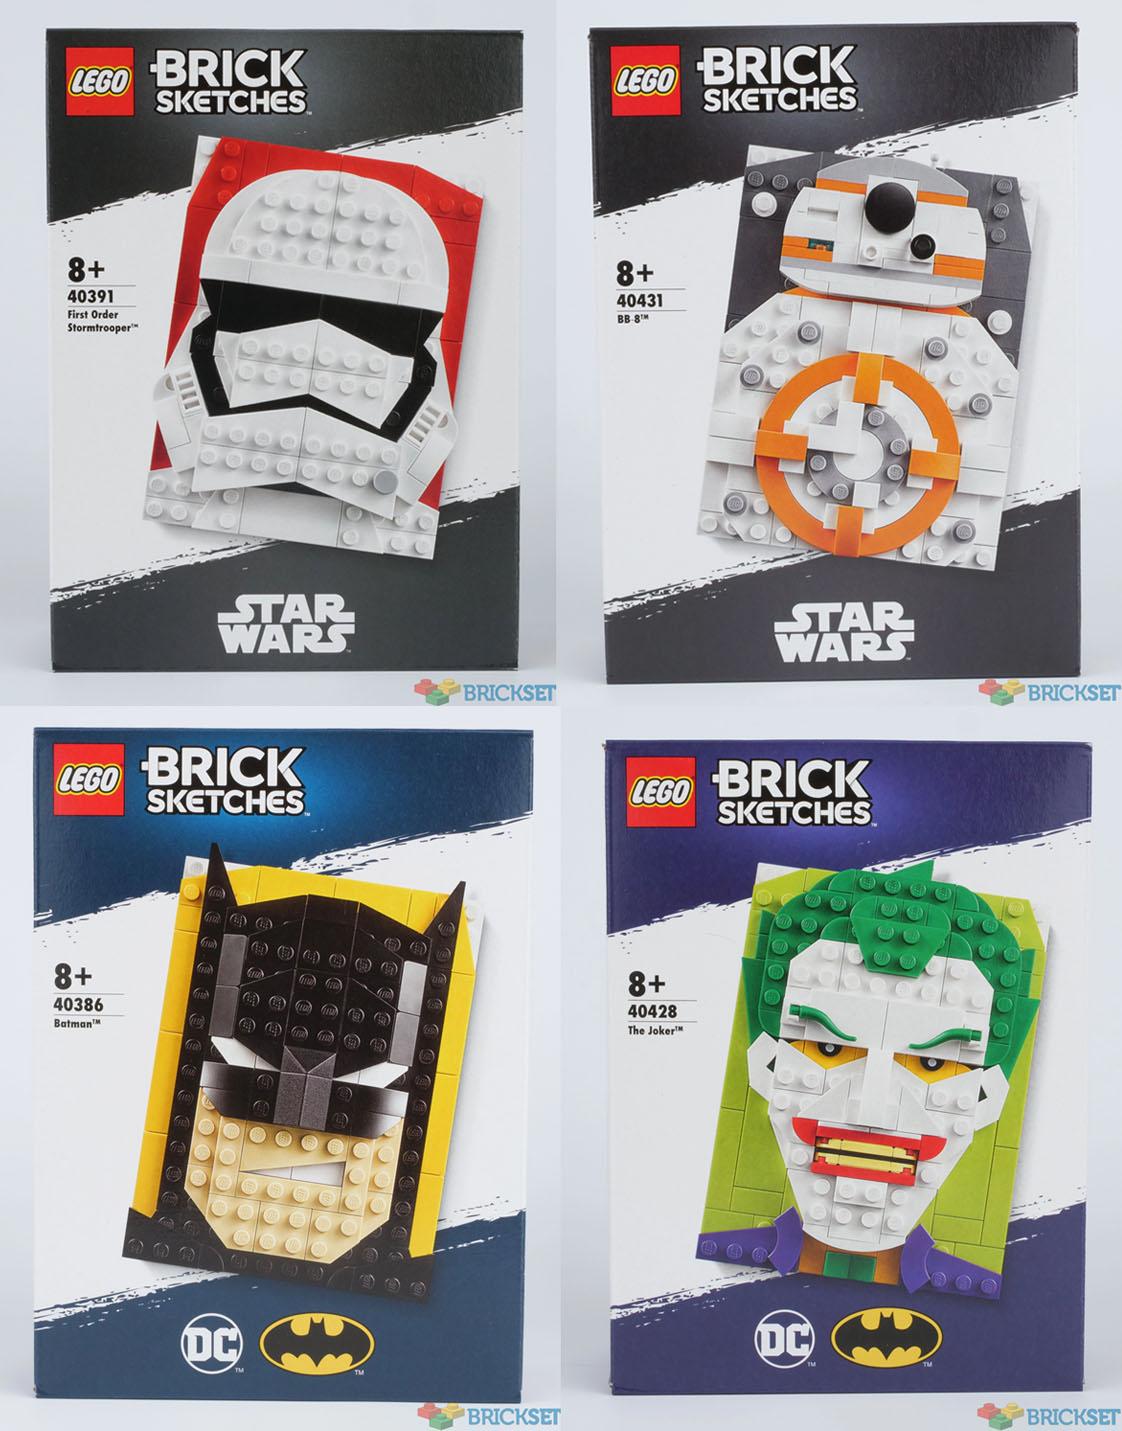 2020年新シリーズブリックスケッチ:みんな大好きバットマンとスターウォーズから